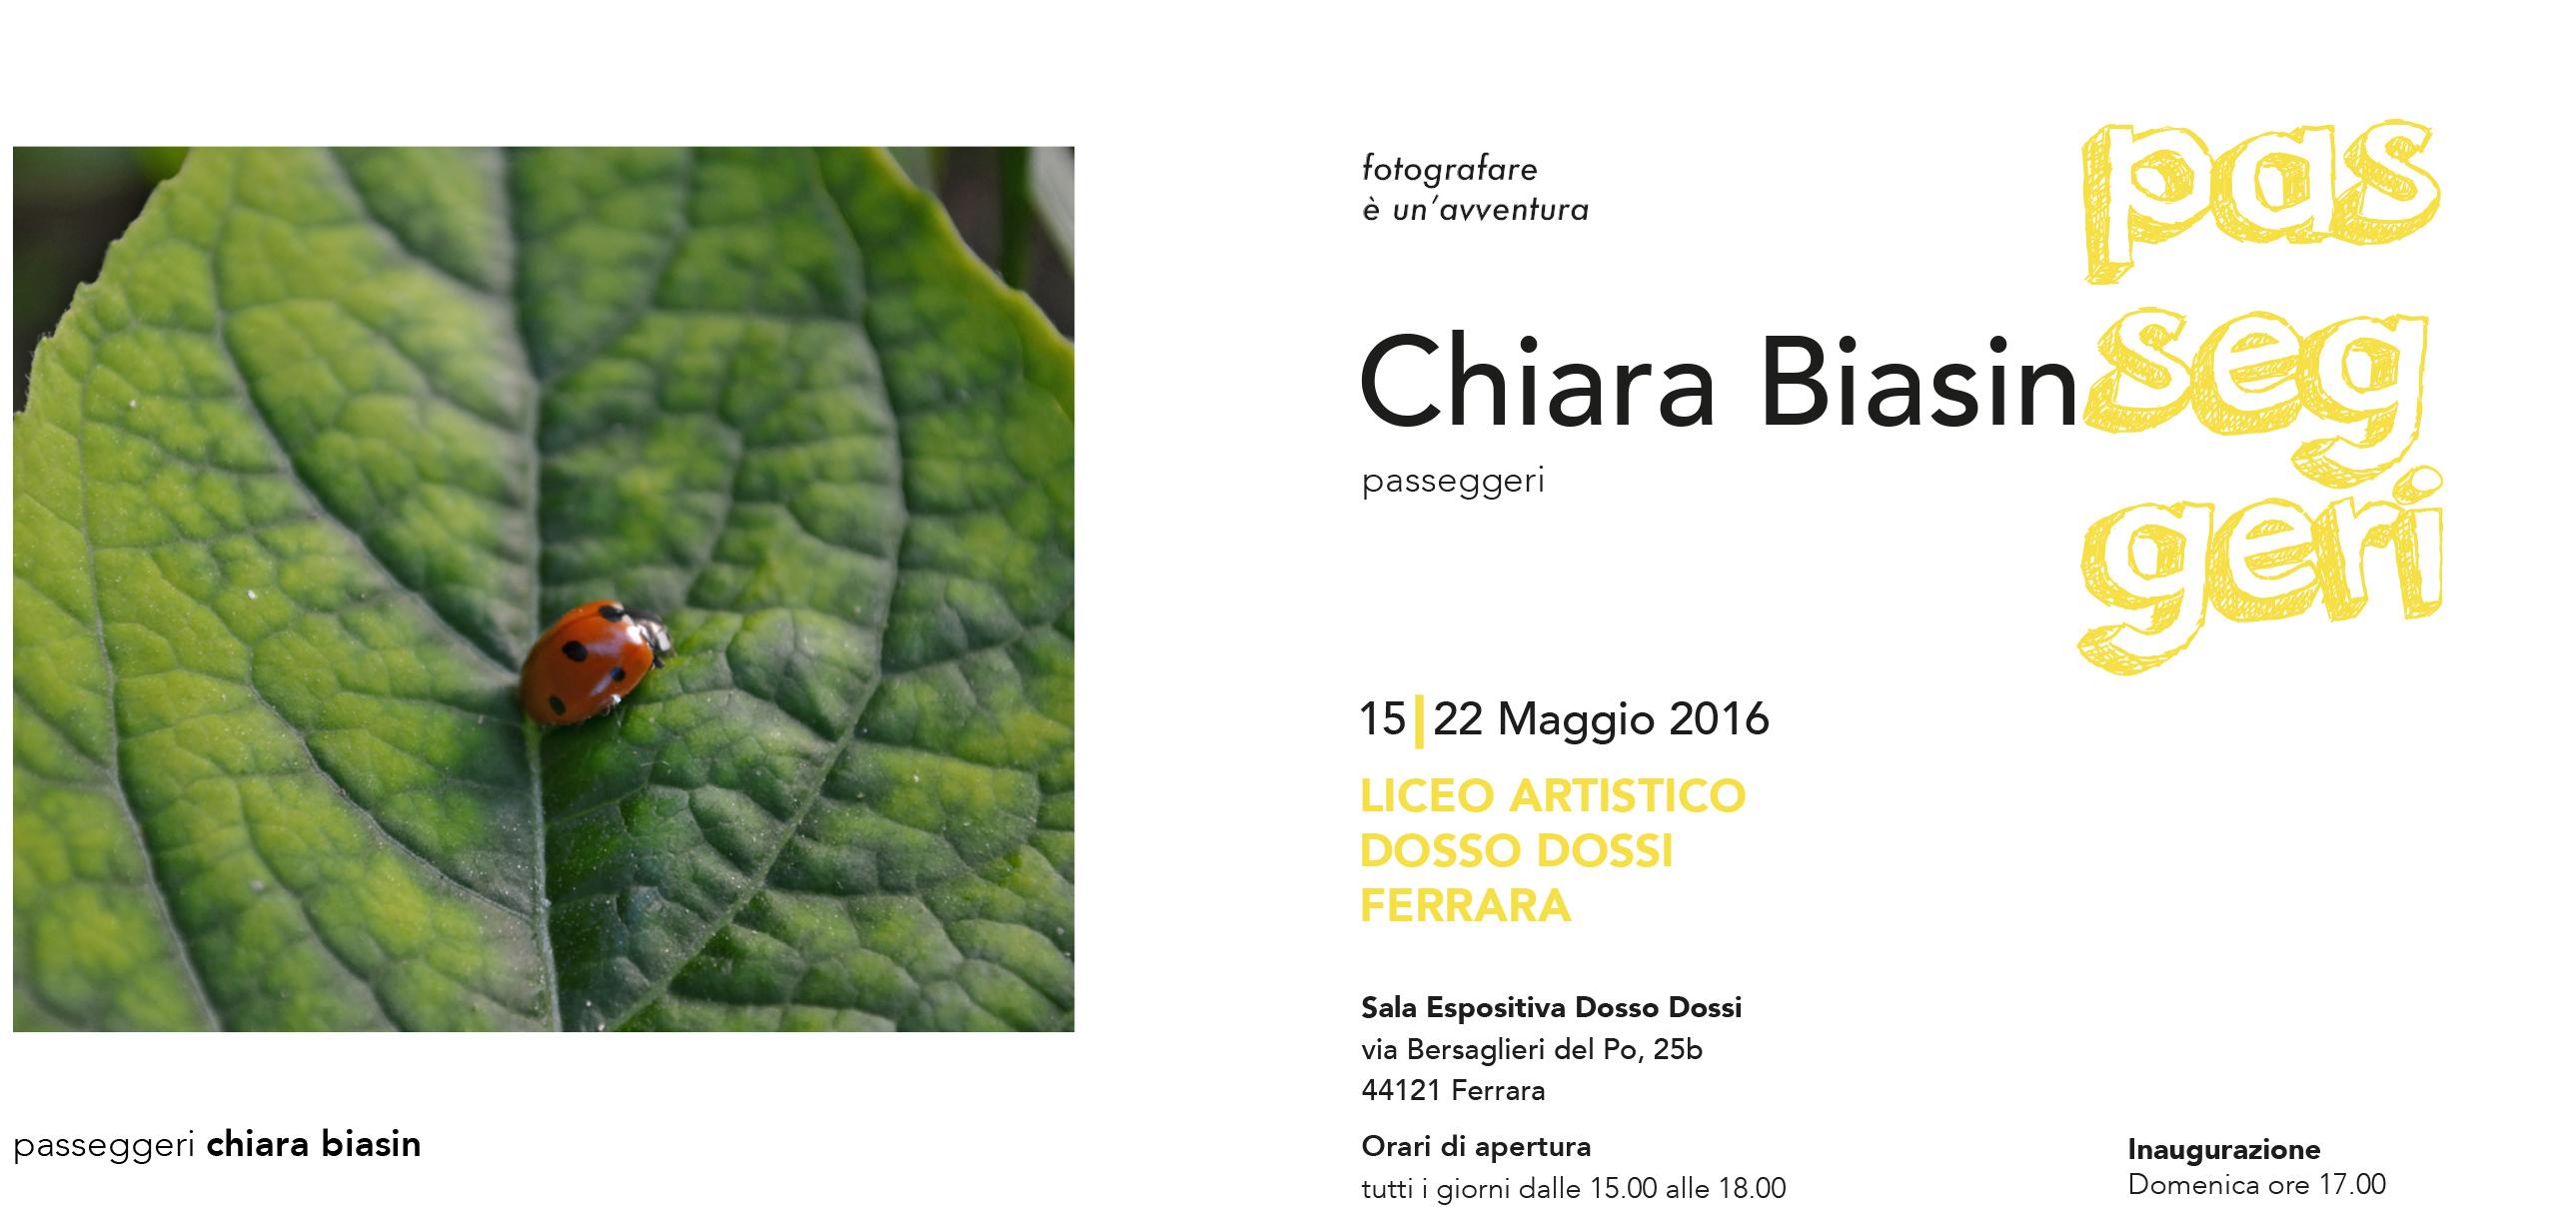 invito 1 CHIARA BIASIN coccinella web